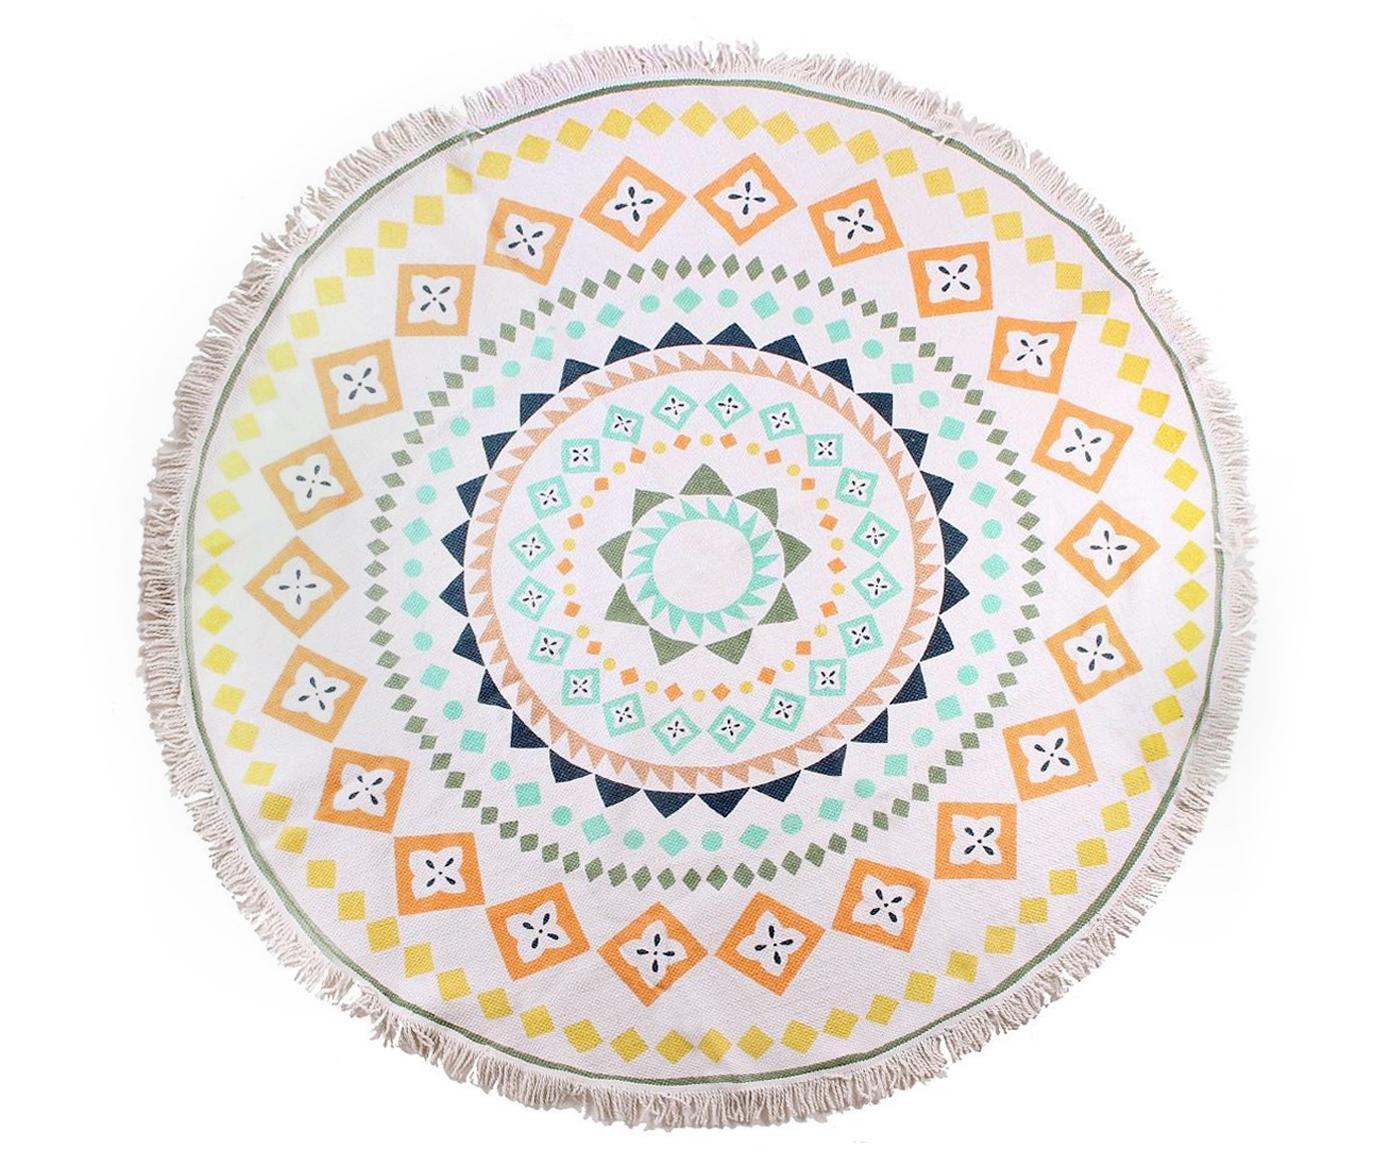 Bunt gemusterter Baumwollteppich Helge mit Fransen, rund, Mehrfarbig, Ø 180 cm (Größe L)